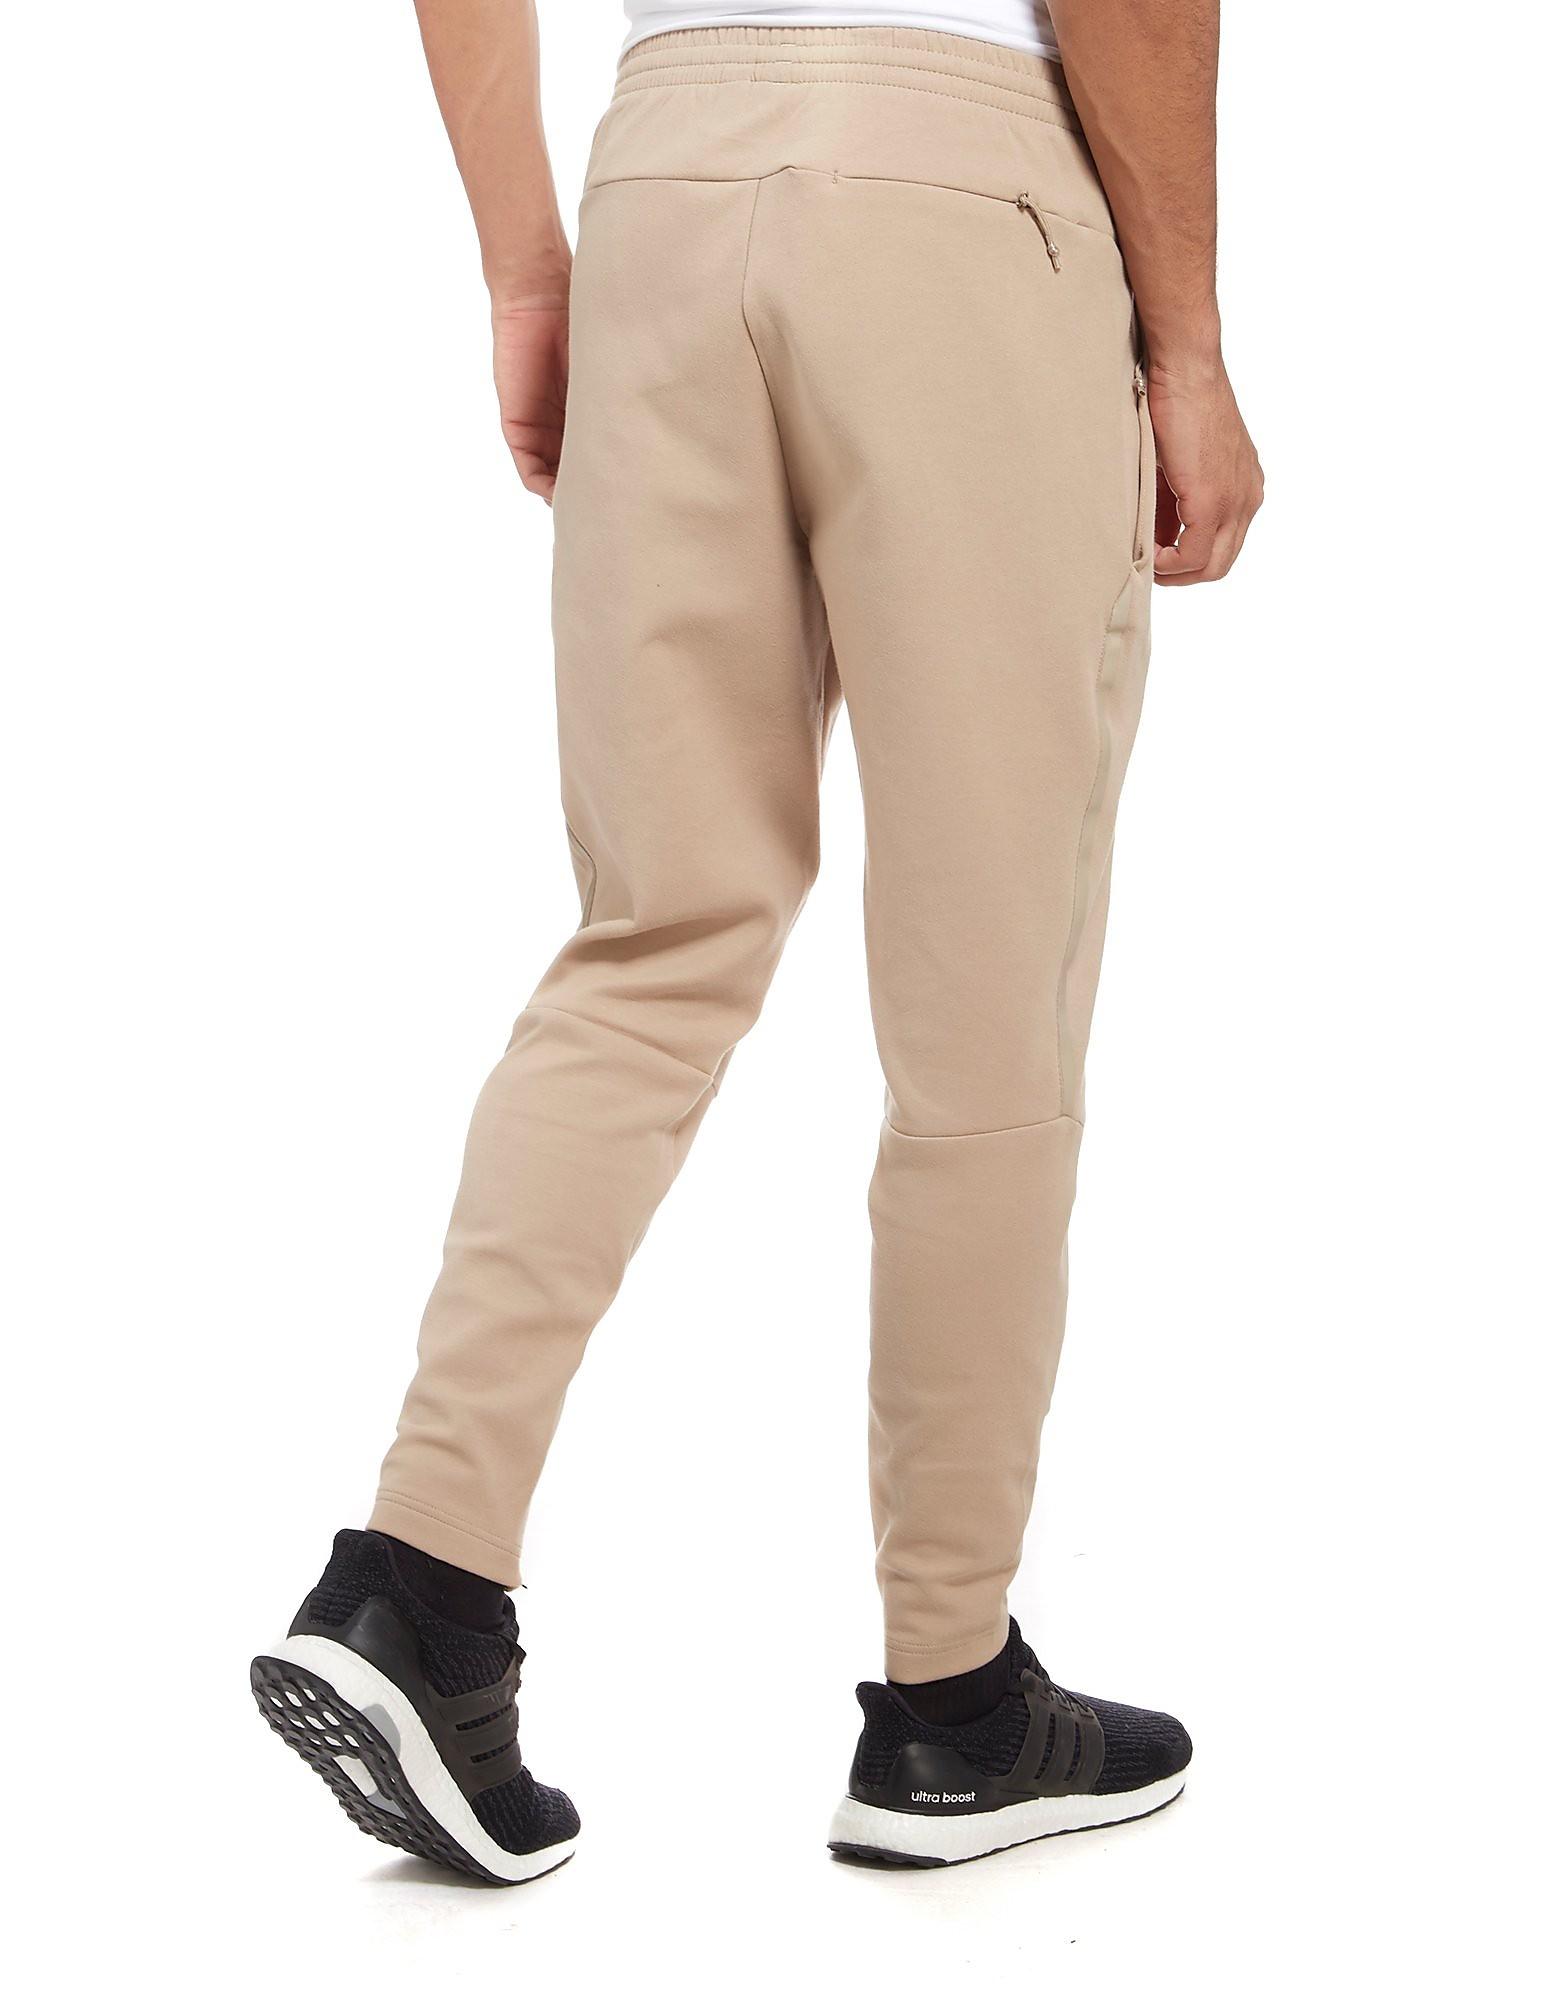 adidas Z.N.E. 2 Pants